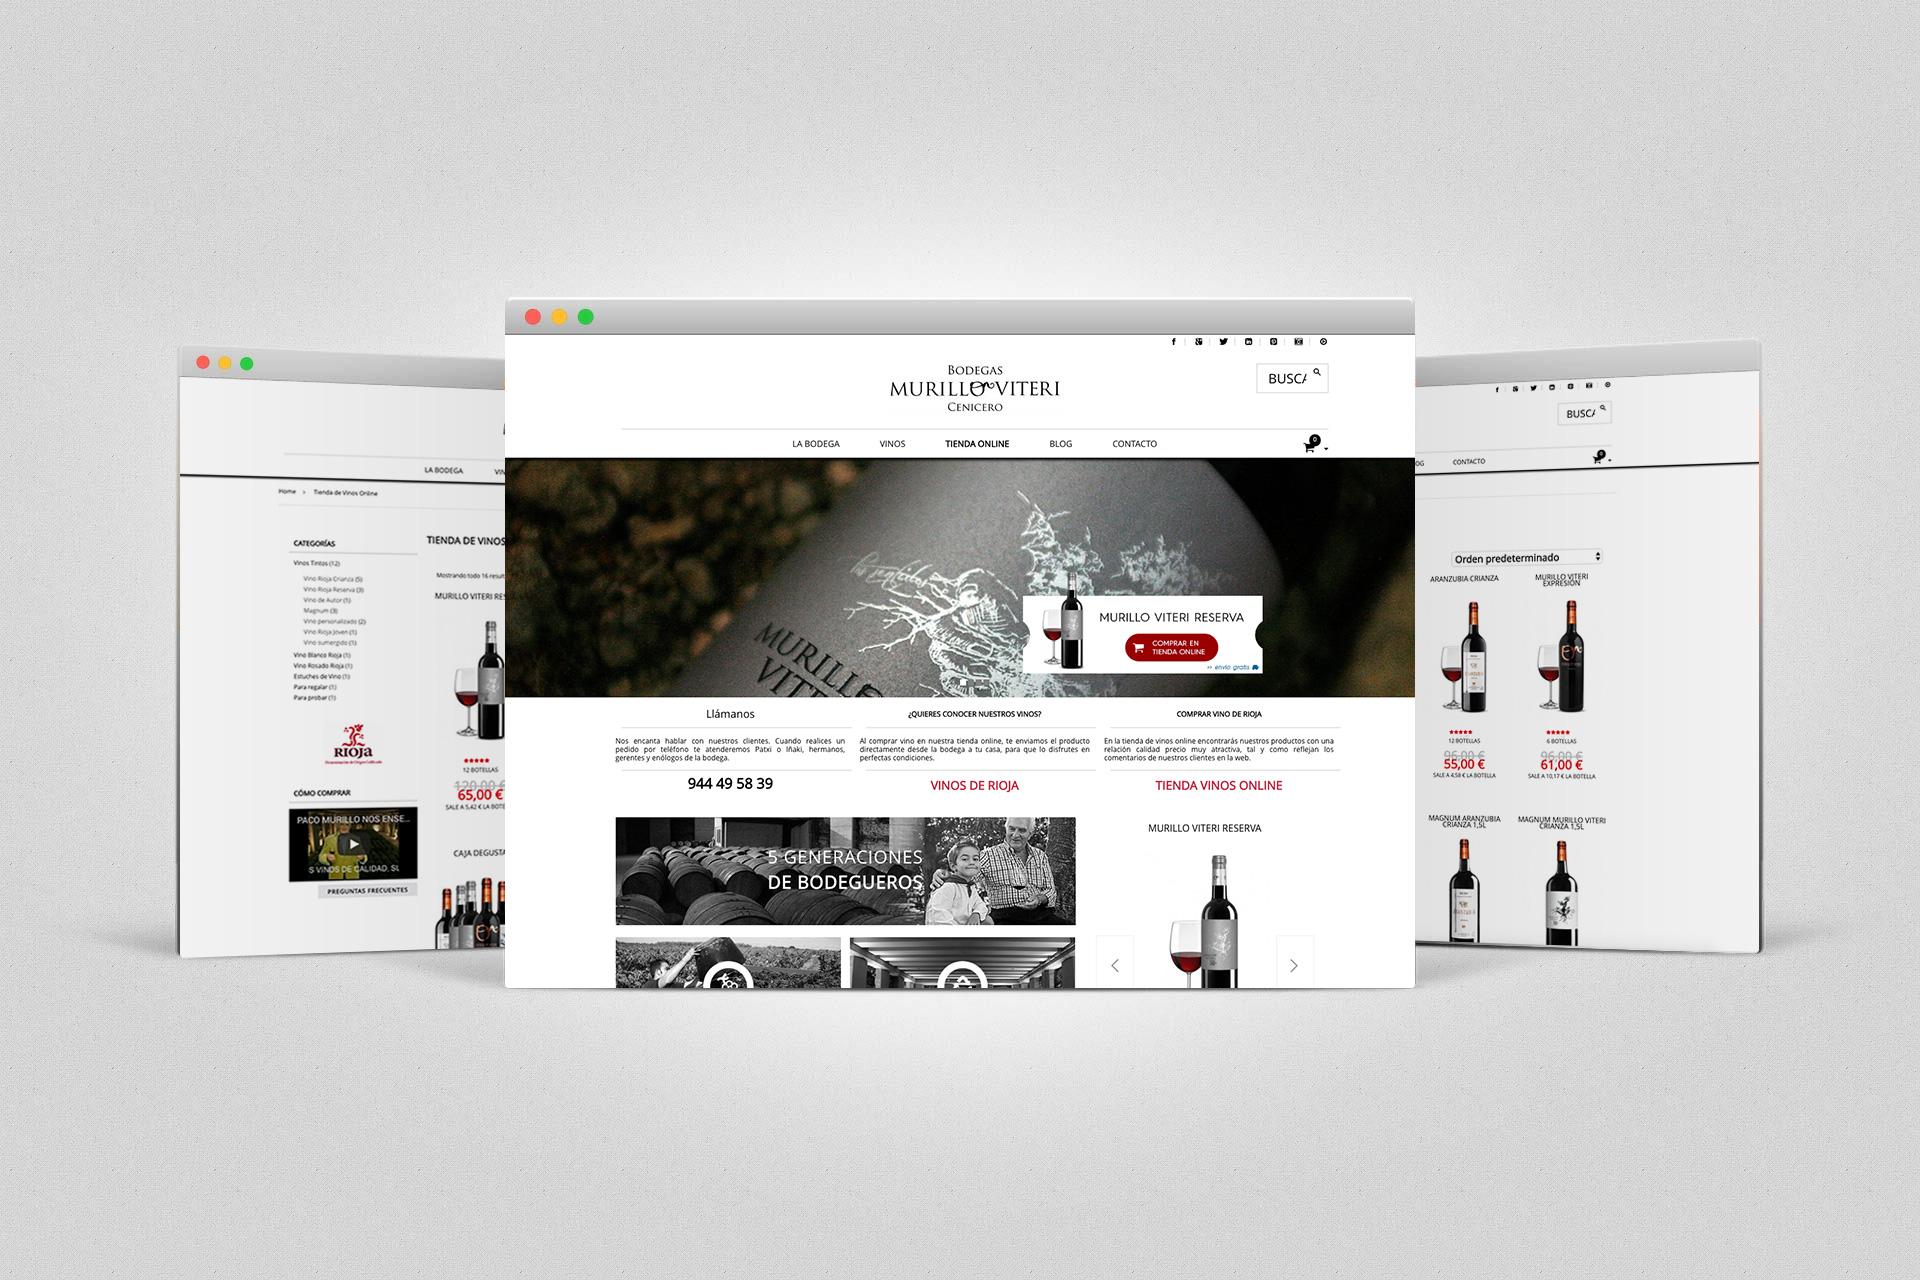 Ejemplos de las páginas del ecommerce de Bodegas Murillo Viteri